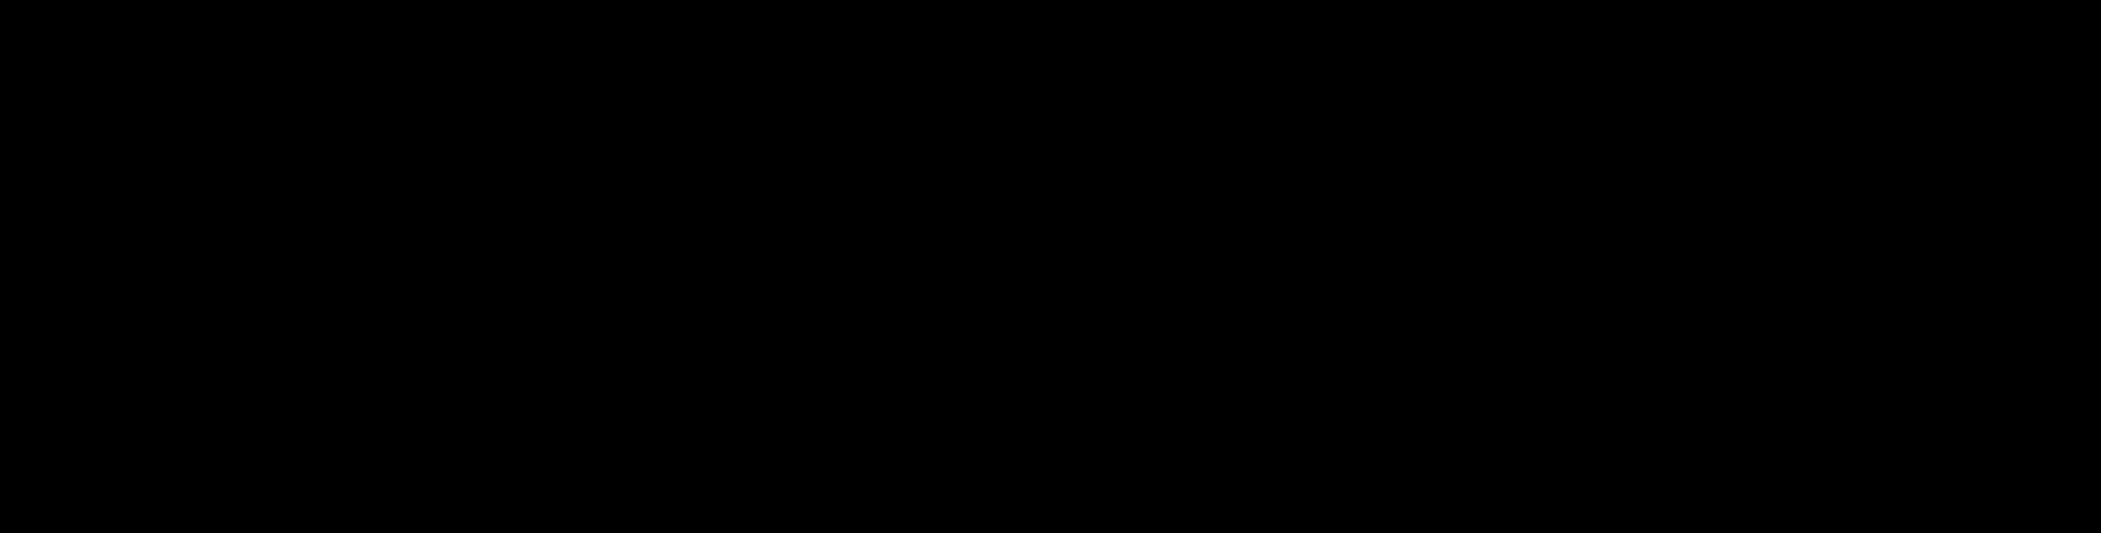 MBCC Group Logo